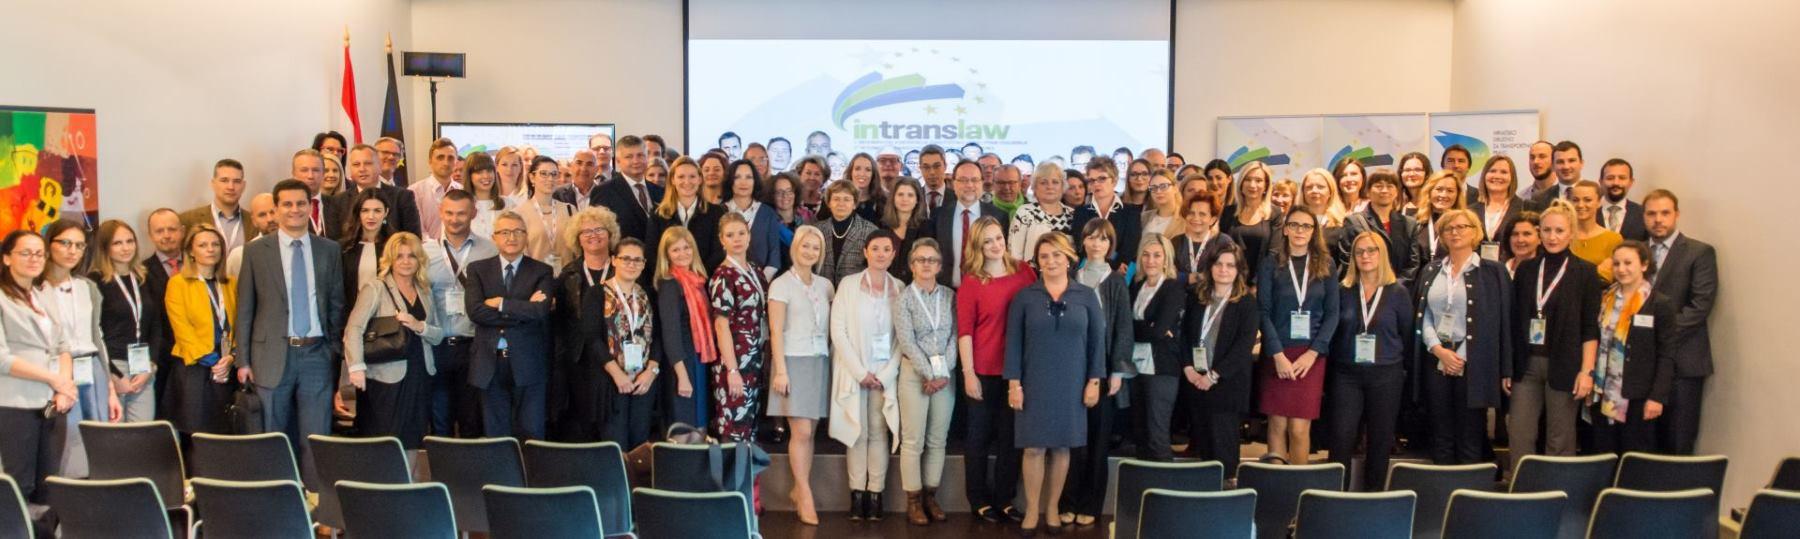 INTRANSLAW ZAGREB 2017 Međunarodna konferencija transportnog prava i prava osiguranja dala odgovore na važna pitanja